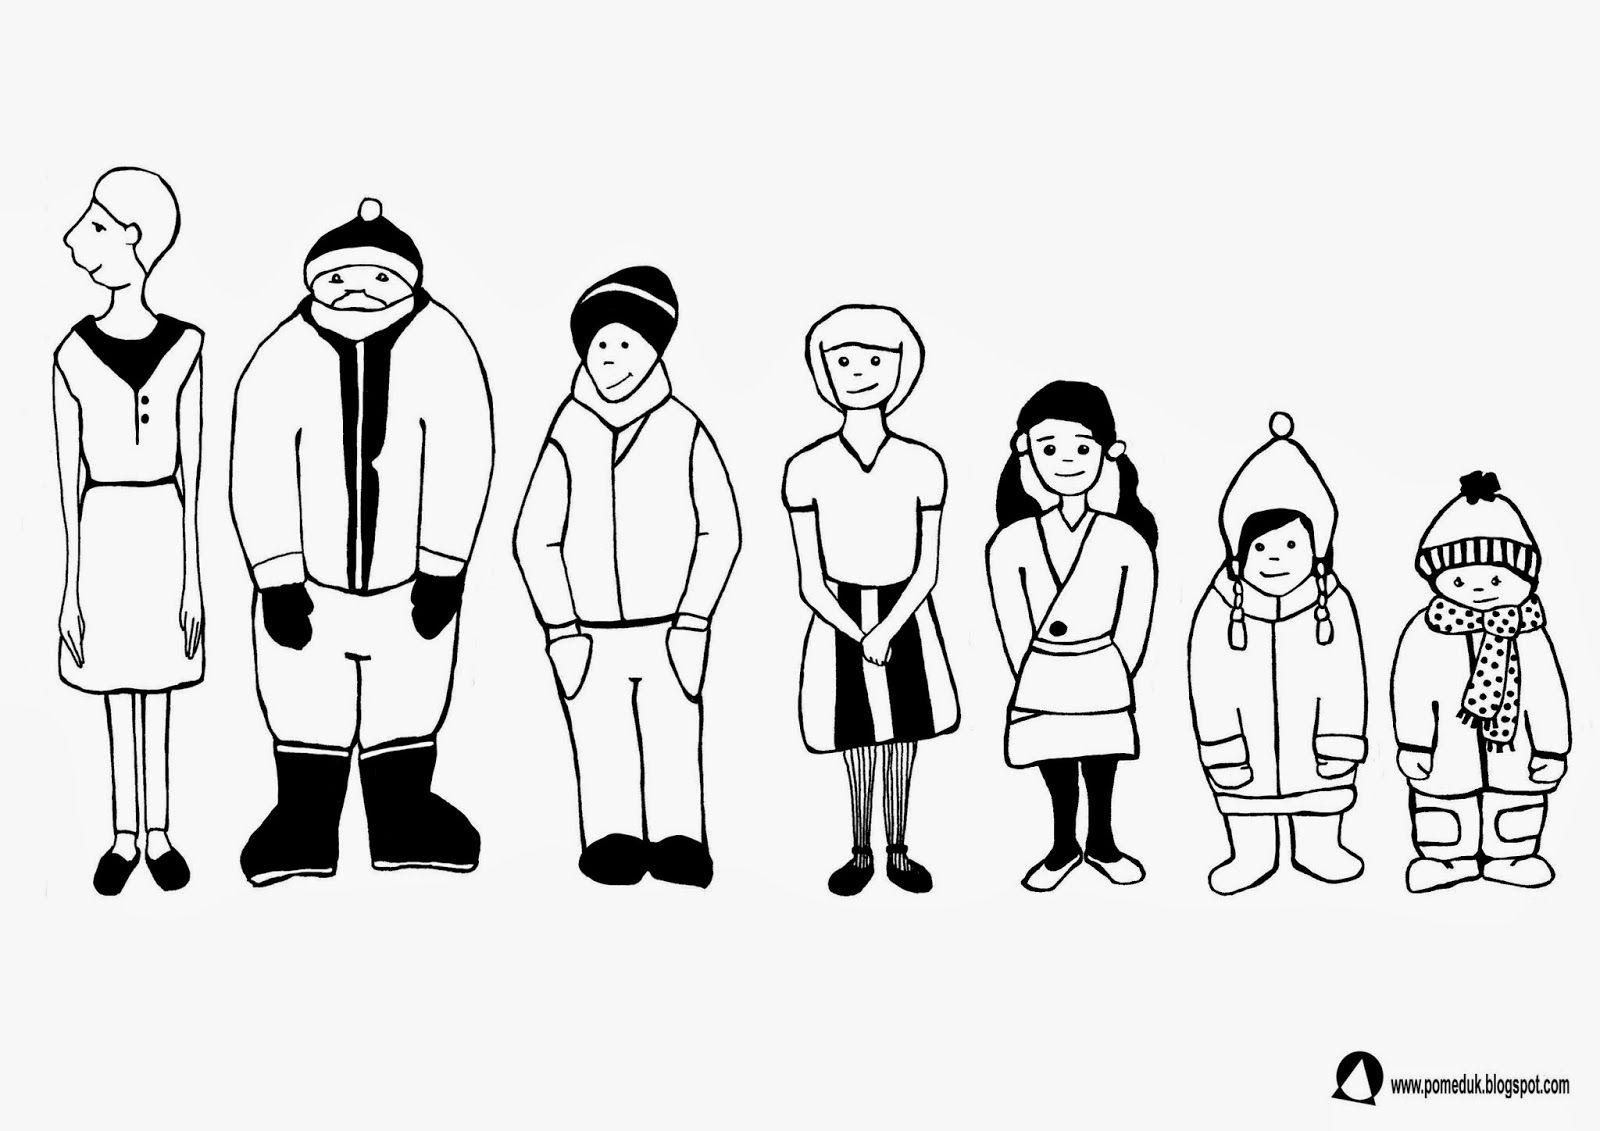 Ubranie Zimowe I Wiosenne Szeregowanie Rosnace Darth Character Fictional Characters